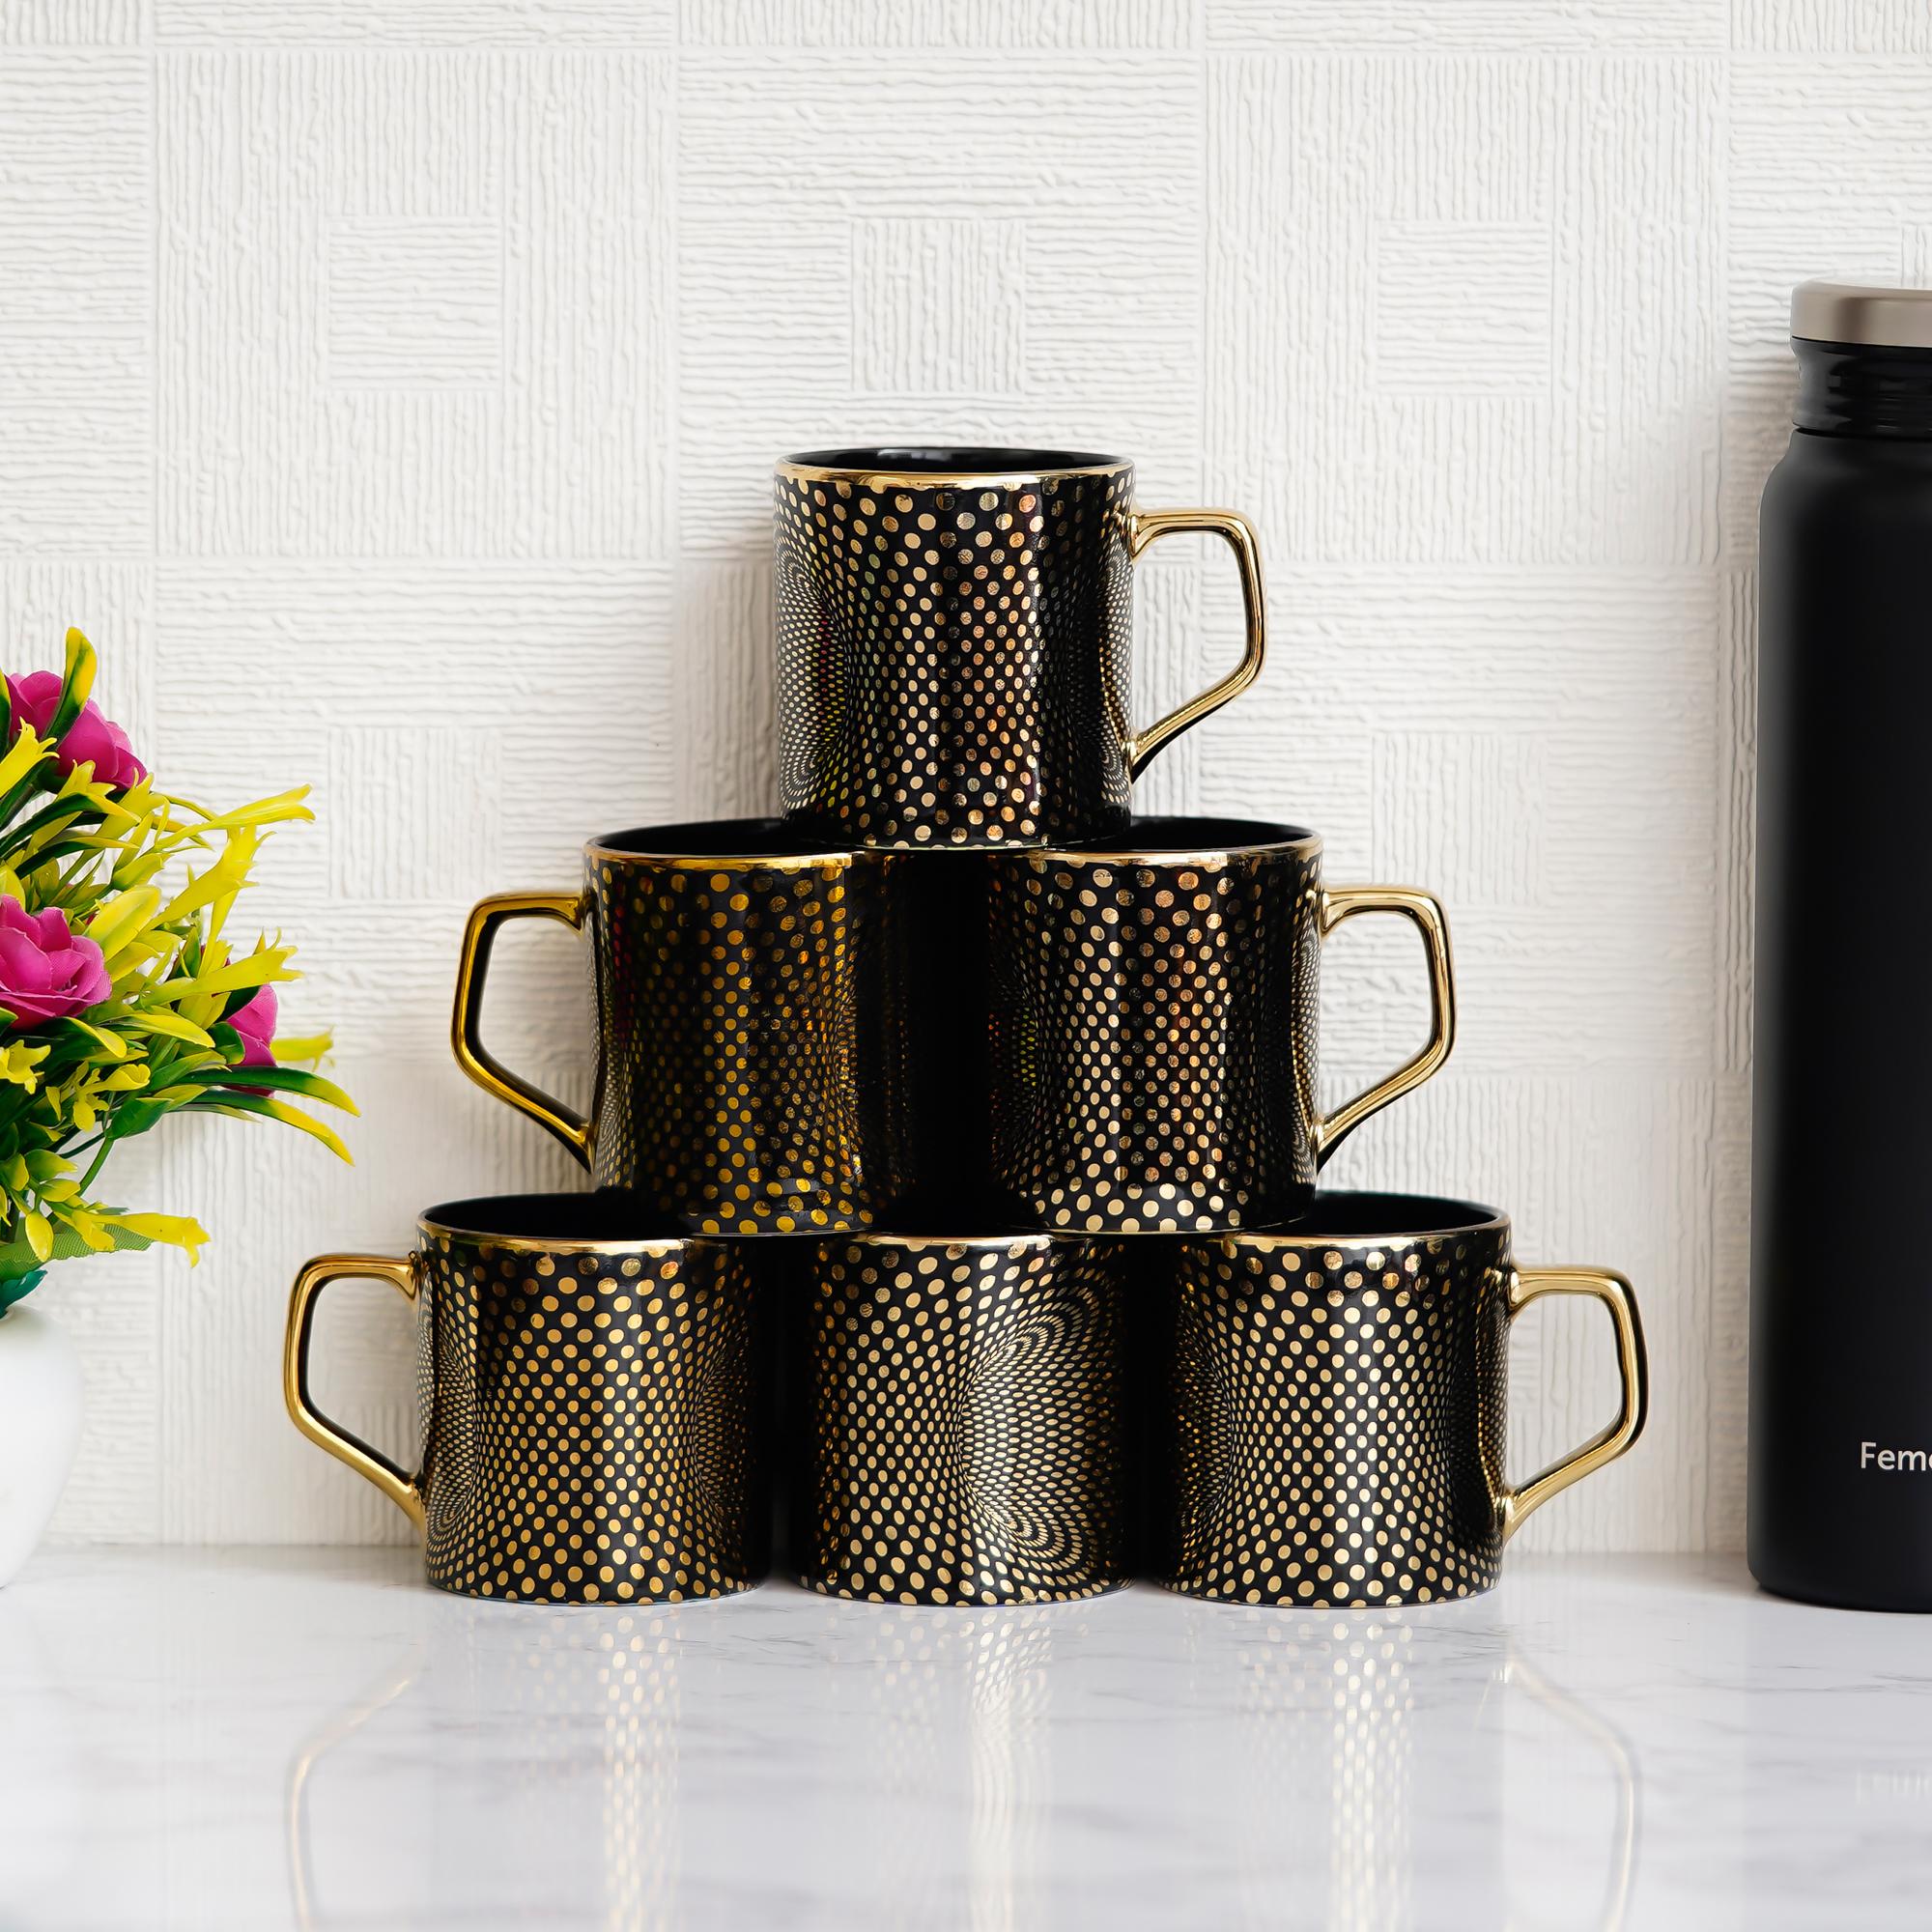 Indian Ceramic Fine Bone China Mystical Black Gold Line Tea Cups - Set of 6, 190 ML